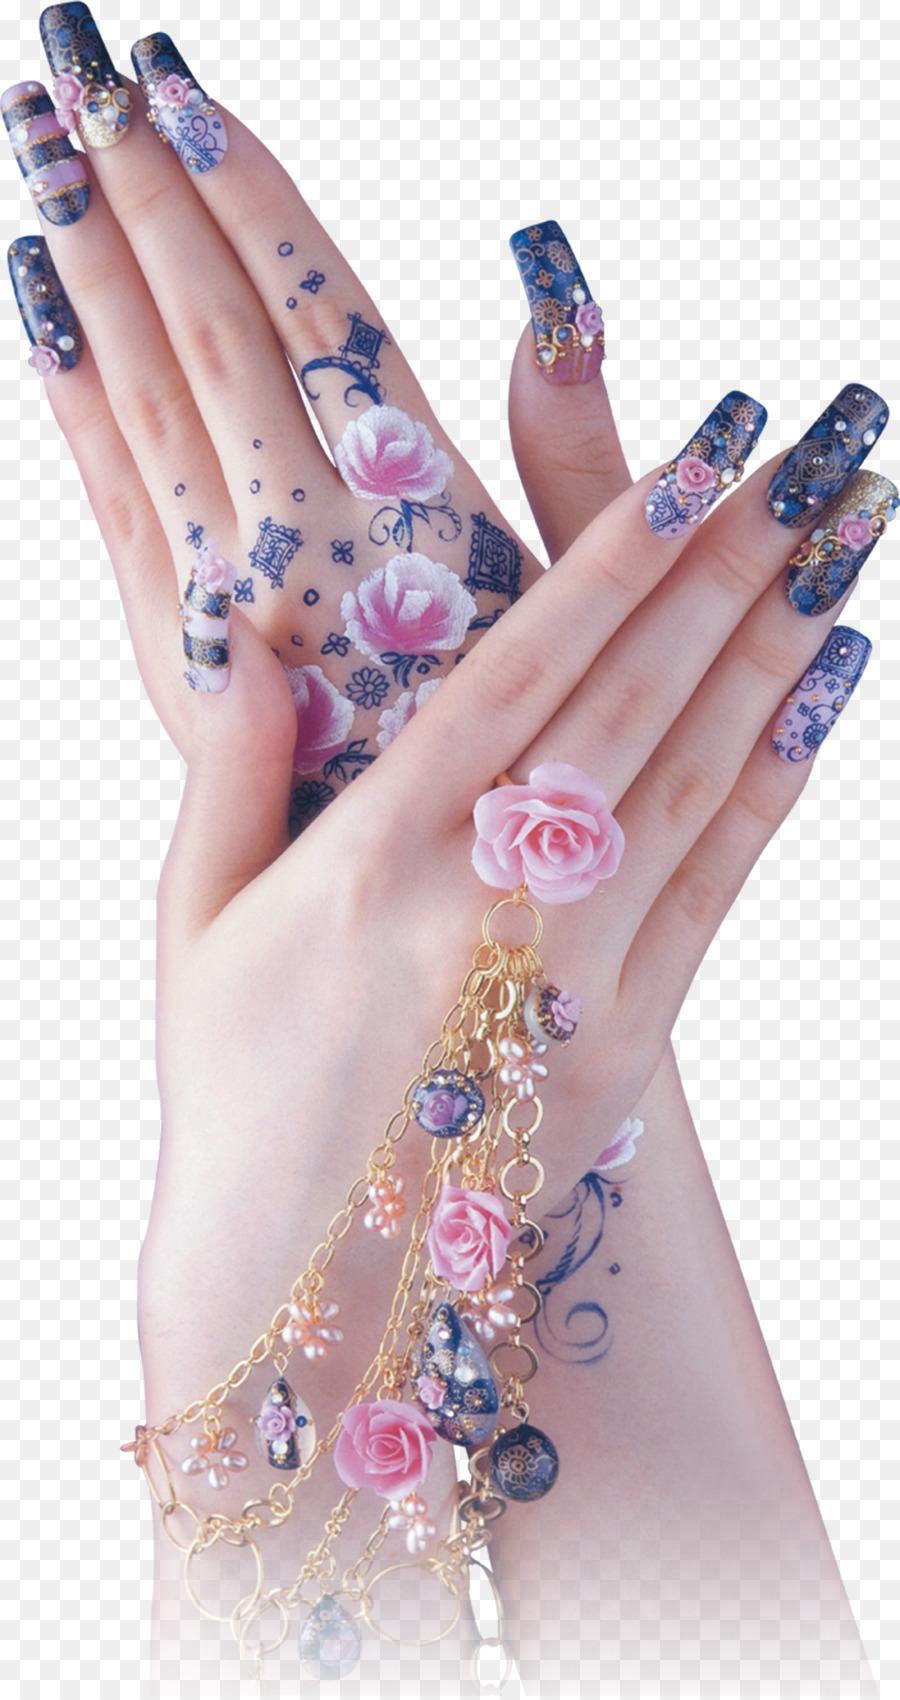 коротко картинки с ногтями красивыми на руках без фона обратить